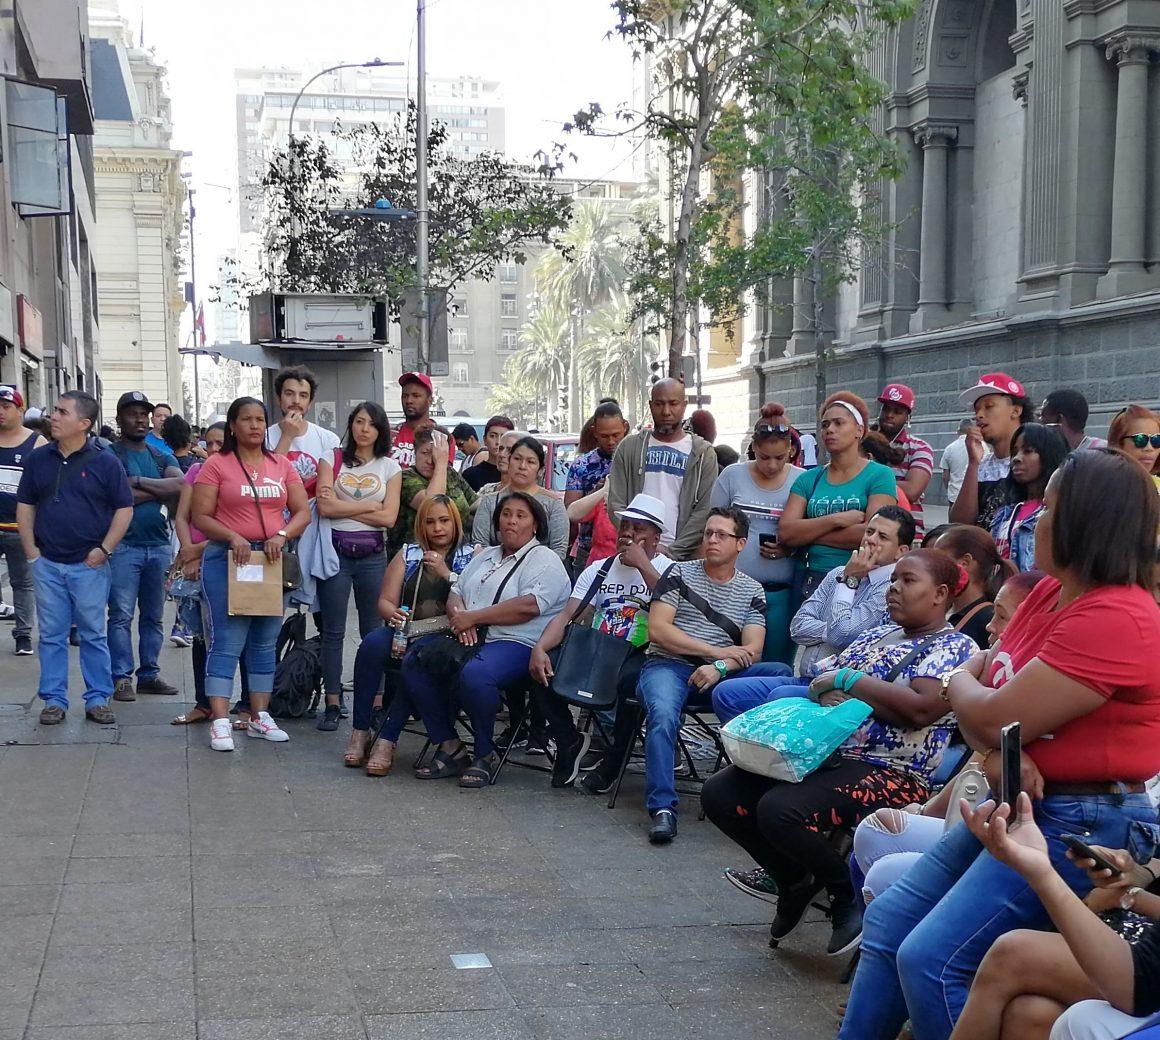 Coordinadora Nacional de Inmigrantes exige regularización sin condiciones y realizará anuncios en asamblea